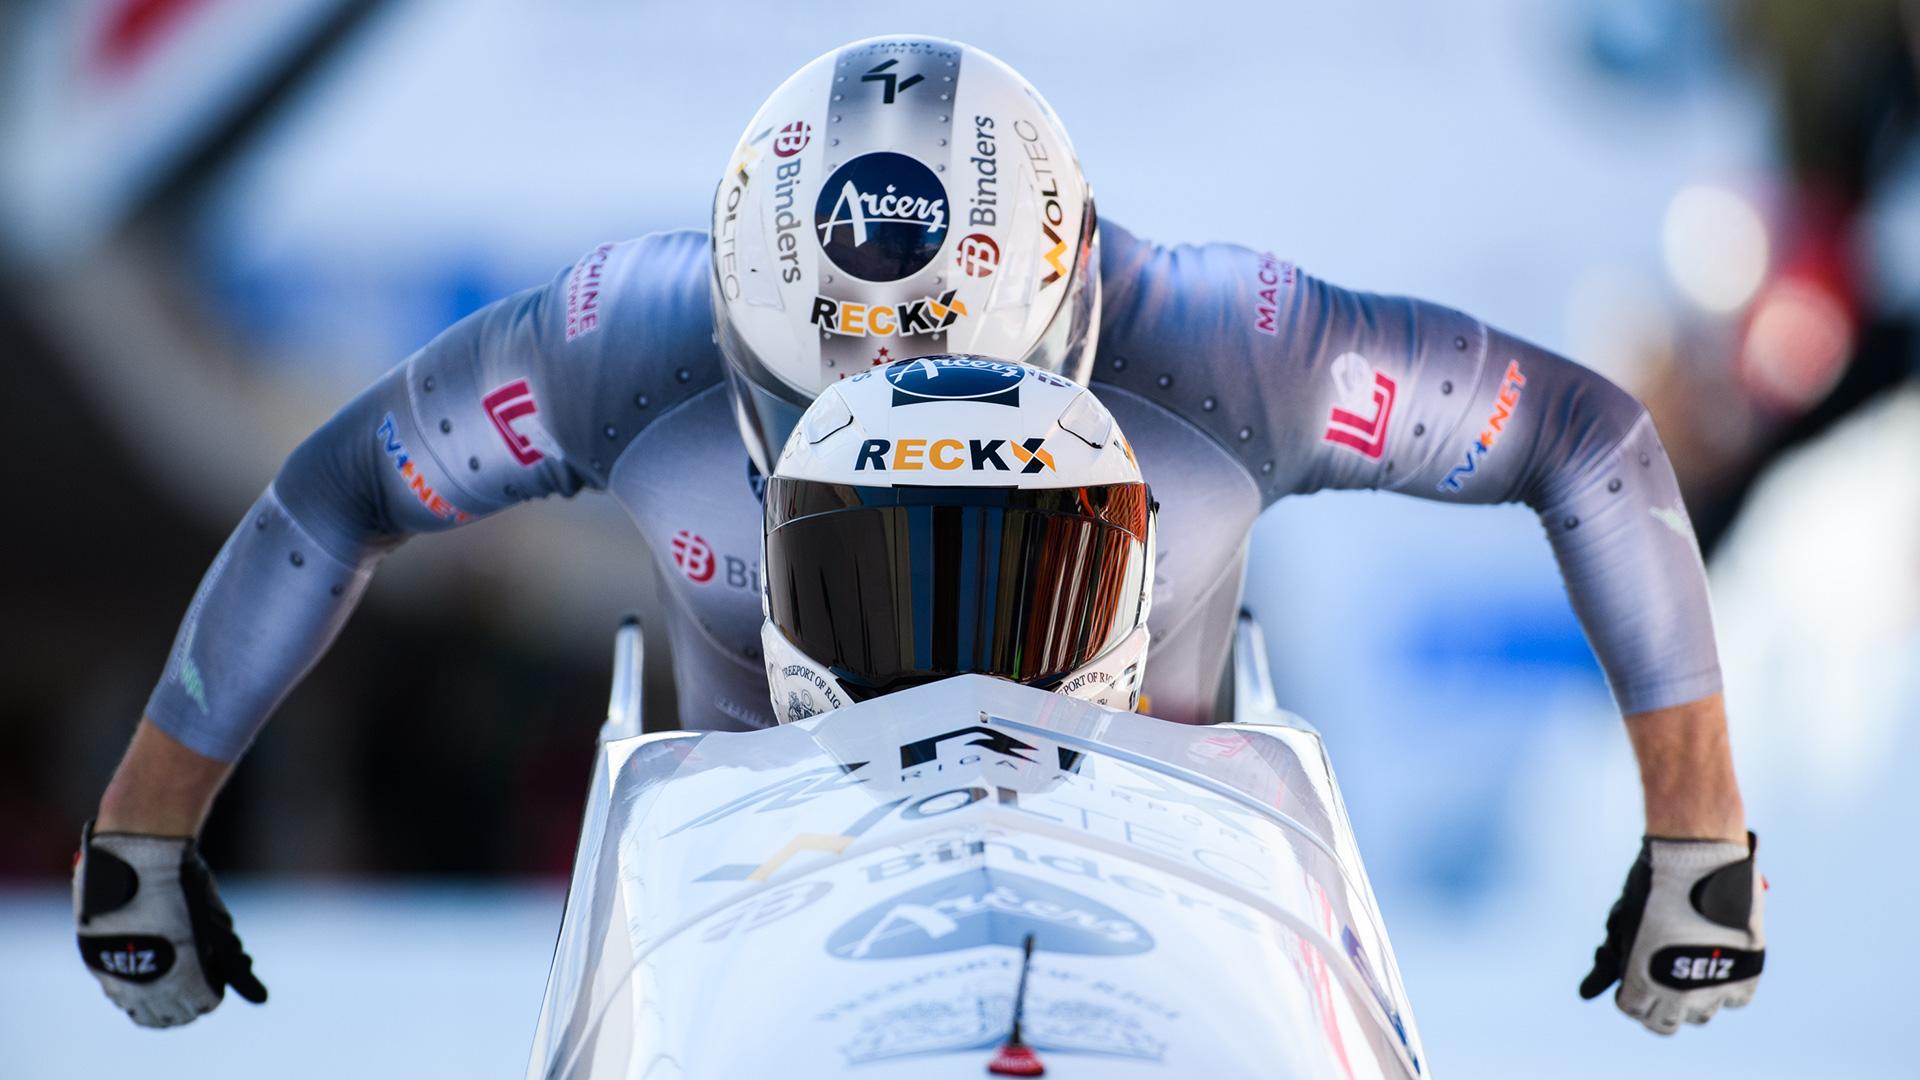 Jaunā bobsleja un skeletona sezona sāksies Siguldā ar diviem posmiem pēc kārtas